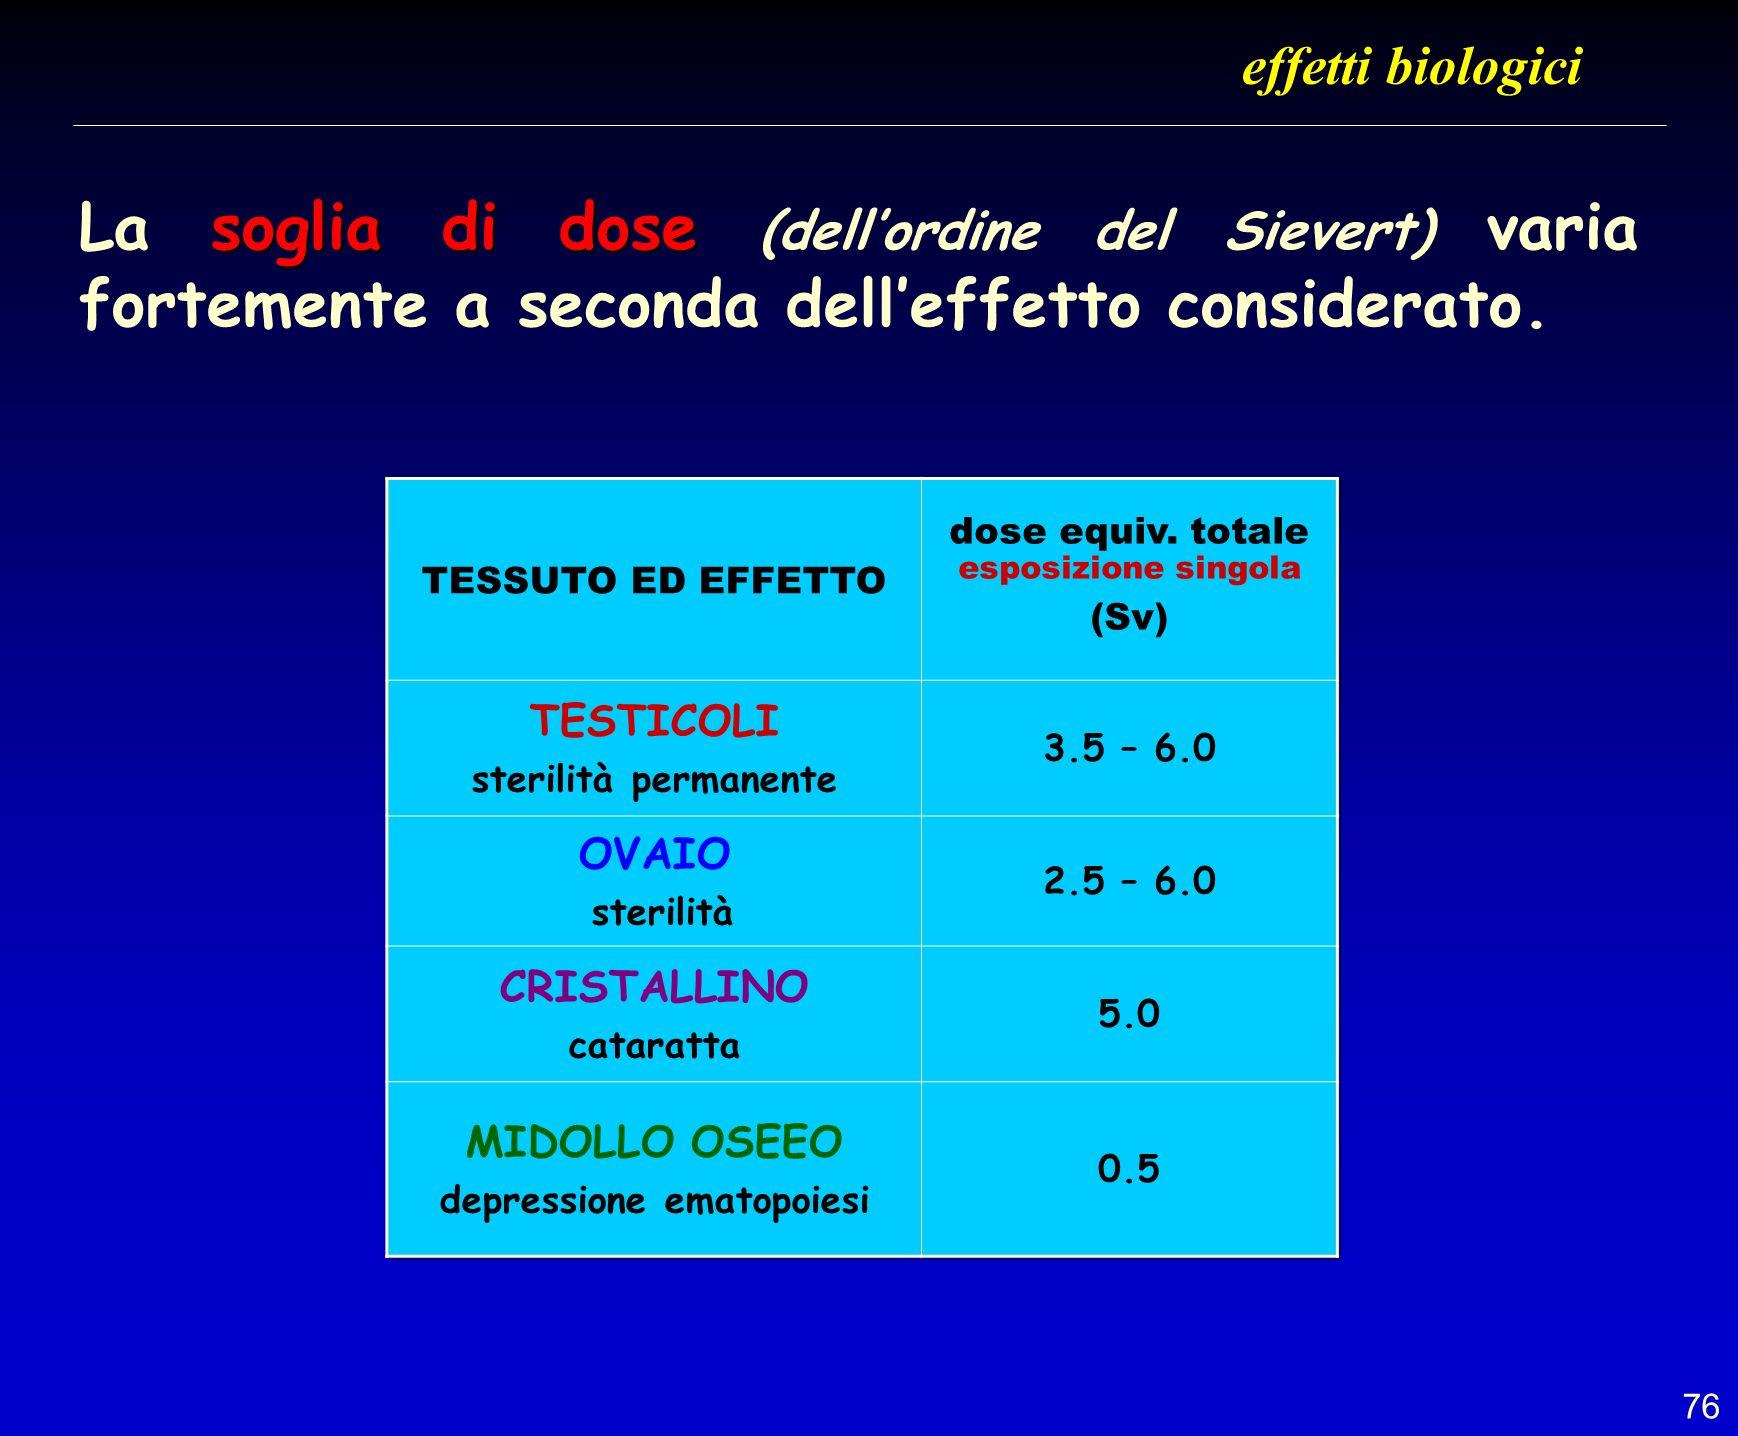 76 soglia di dose La soglia di dose (dellordine del Sievert) varia fortemente a seconda delleffetto considerato. effetti biologici